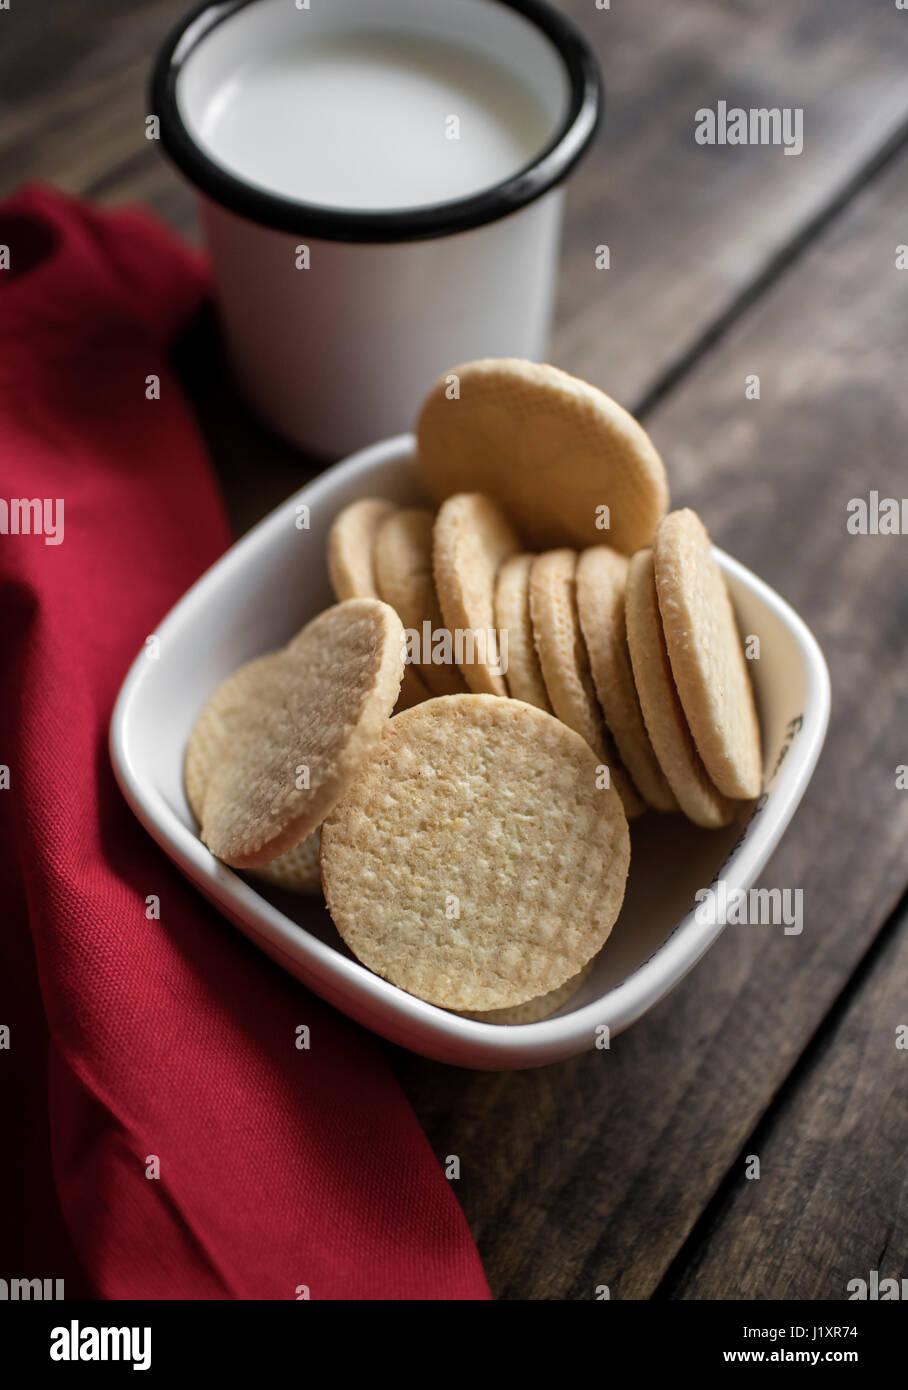 Organici, senza glutine biscotti di zucchero con il latte sul tavolo Immagini Stock